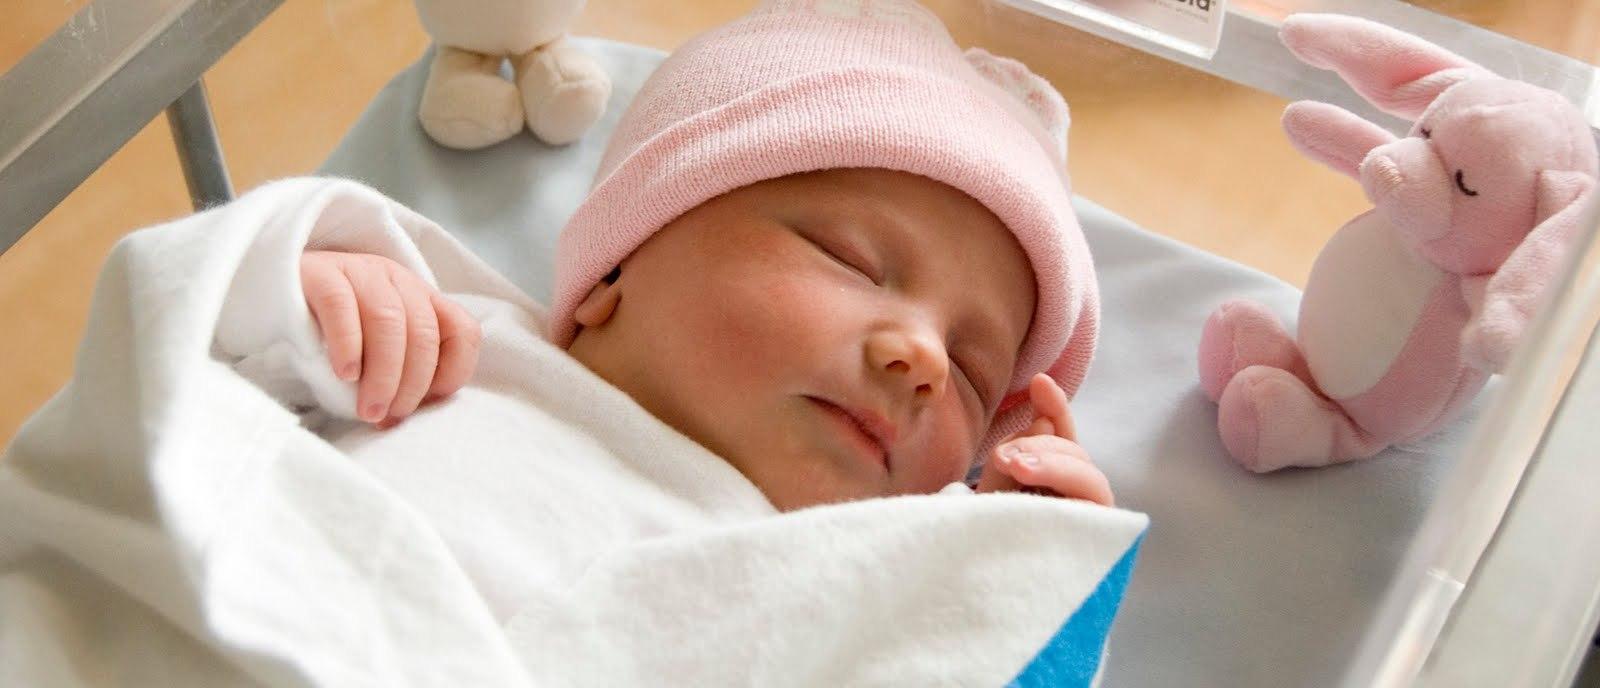 انخفاض الوزن عند الولادة